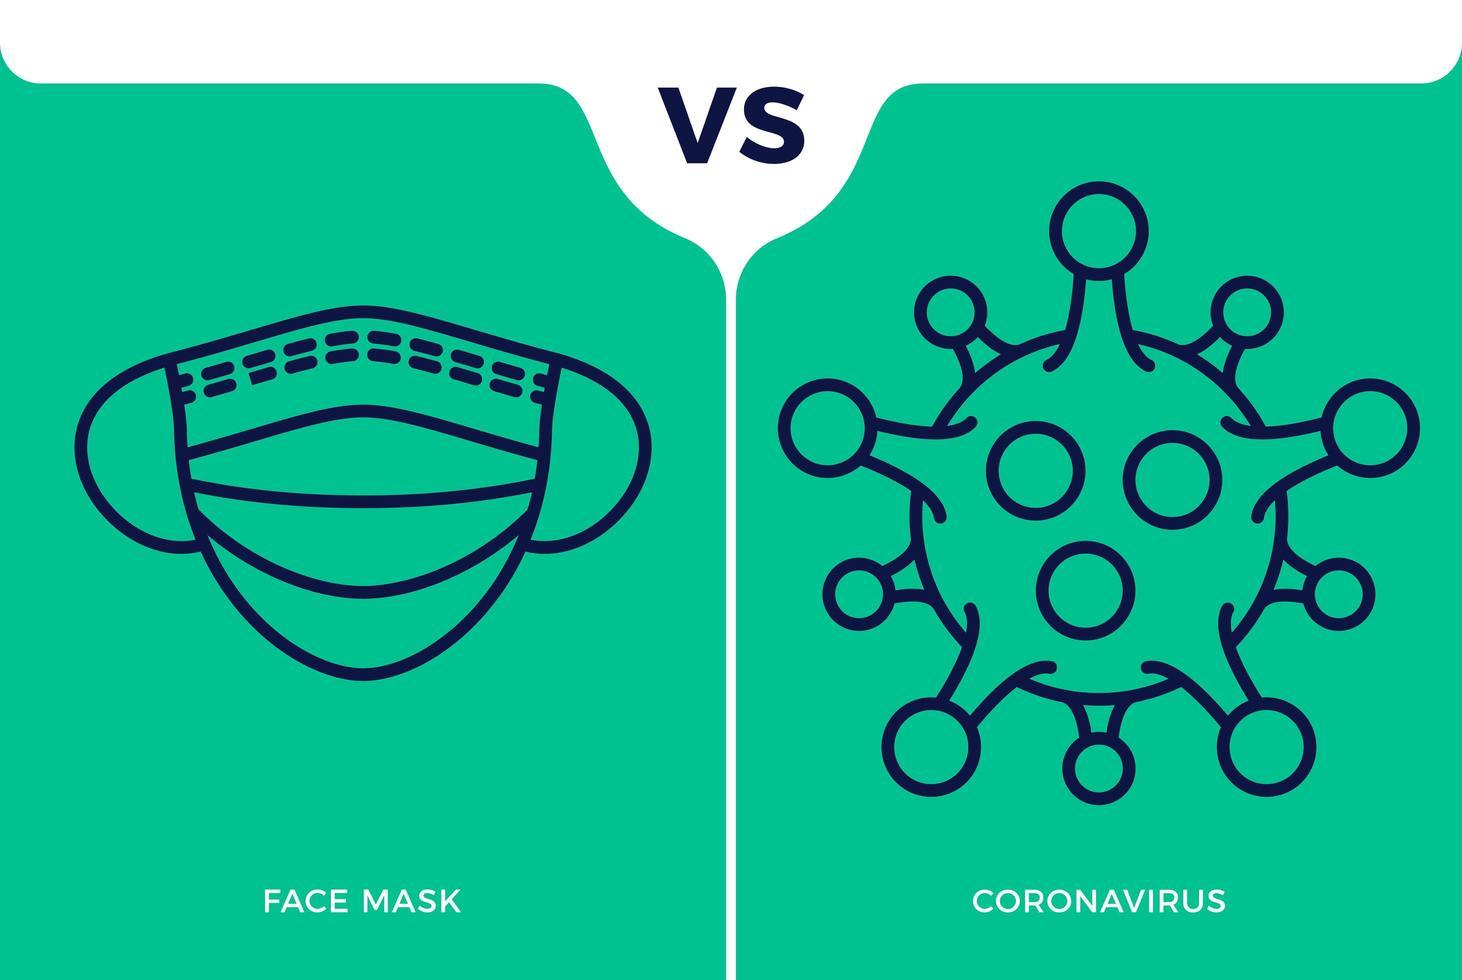 banner ansiktsmask ikon mot eller kontra coronavirus koncept skydd covid-19 tecken vektorillustration. covid-19 förebyggande design bakgrund. vektor